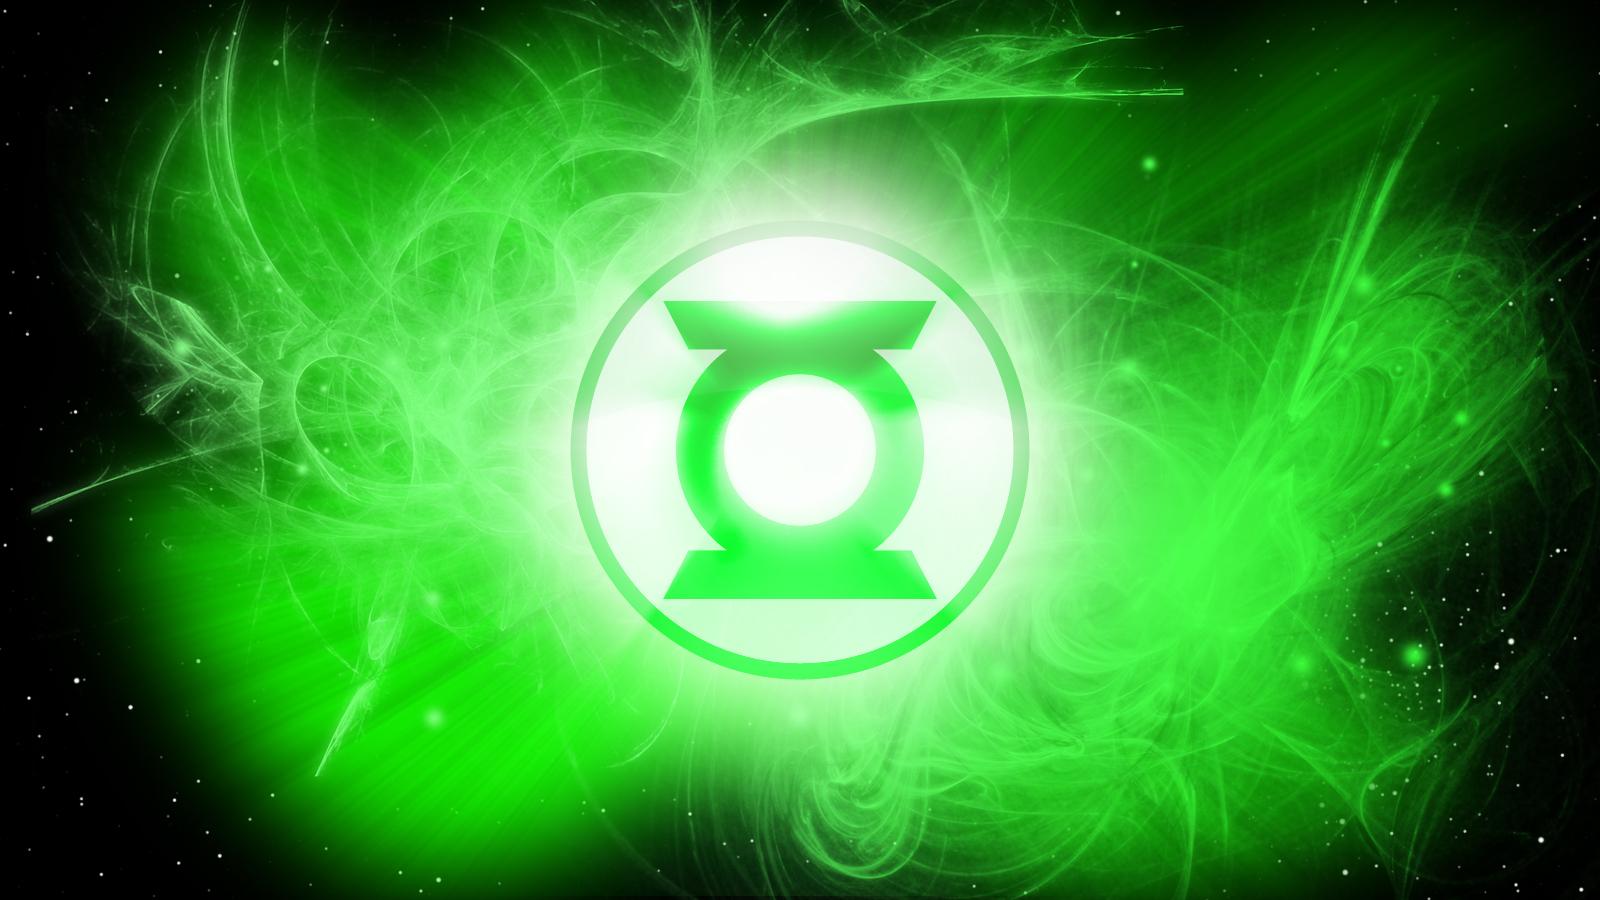 http://4.bp.blogspot.com/-9cYr0vna0QM/TscT4HGqWXI/AAAAAAAAAw4/KuRvZBuivC4/s1600/green-lantern-wallpaper-1-799953.jpg